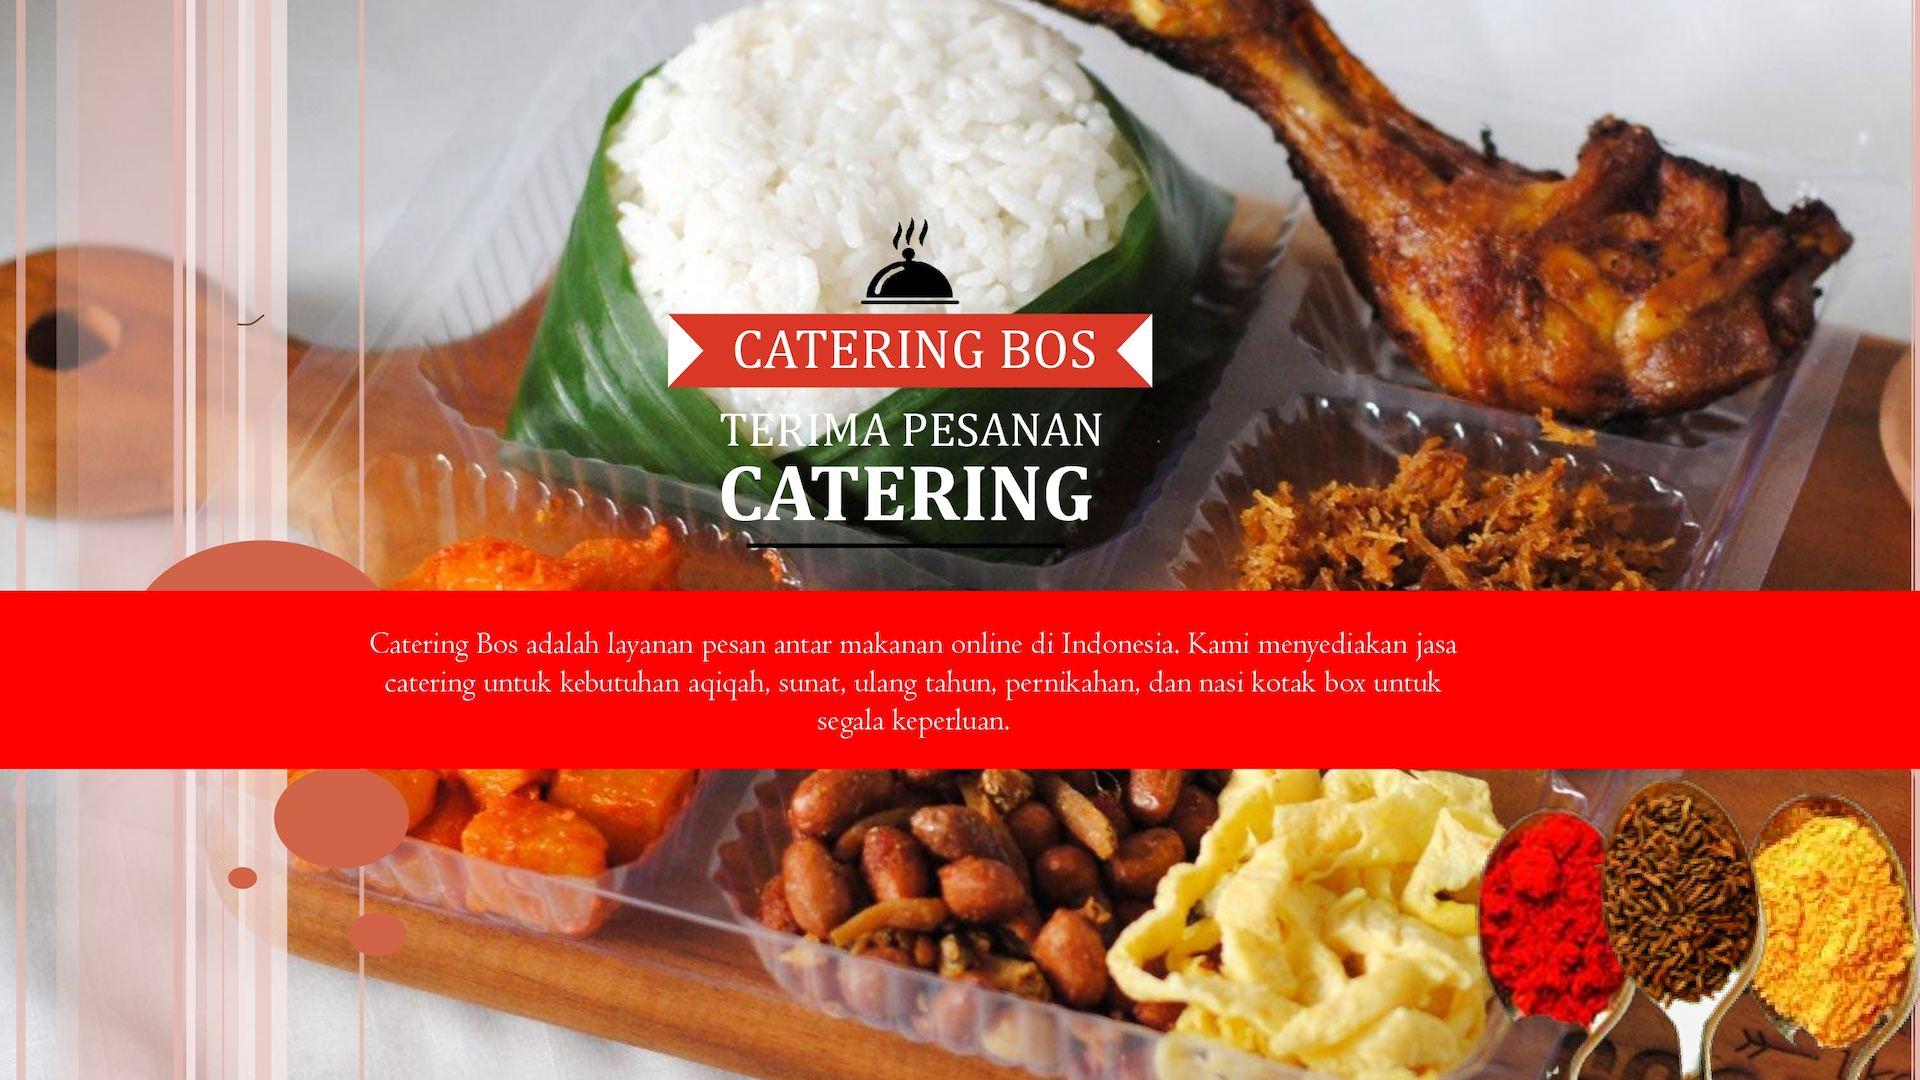 Calameo Catering Nasi Kotak Box Murah Sidoarjo Tuban